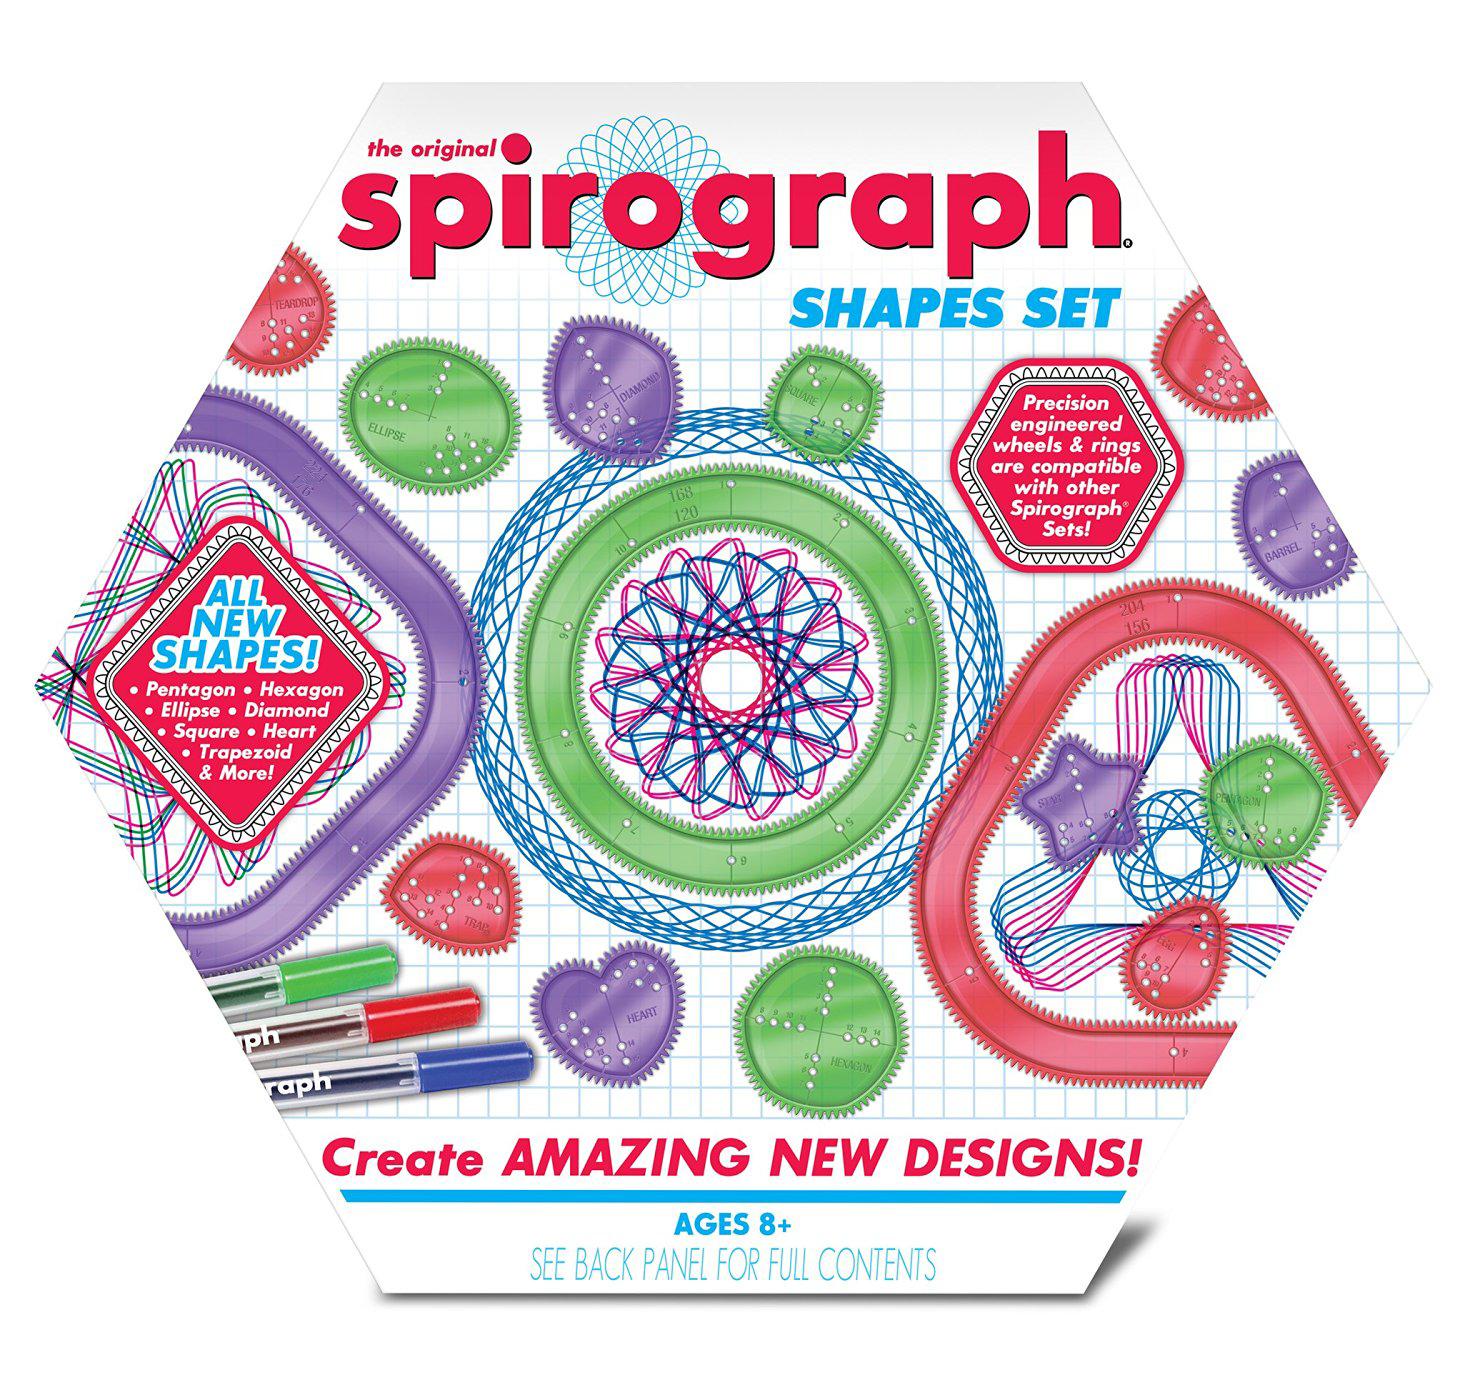 SpirographShapes_Kahootz.jpg